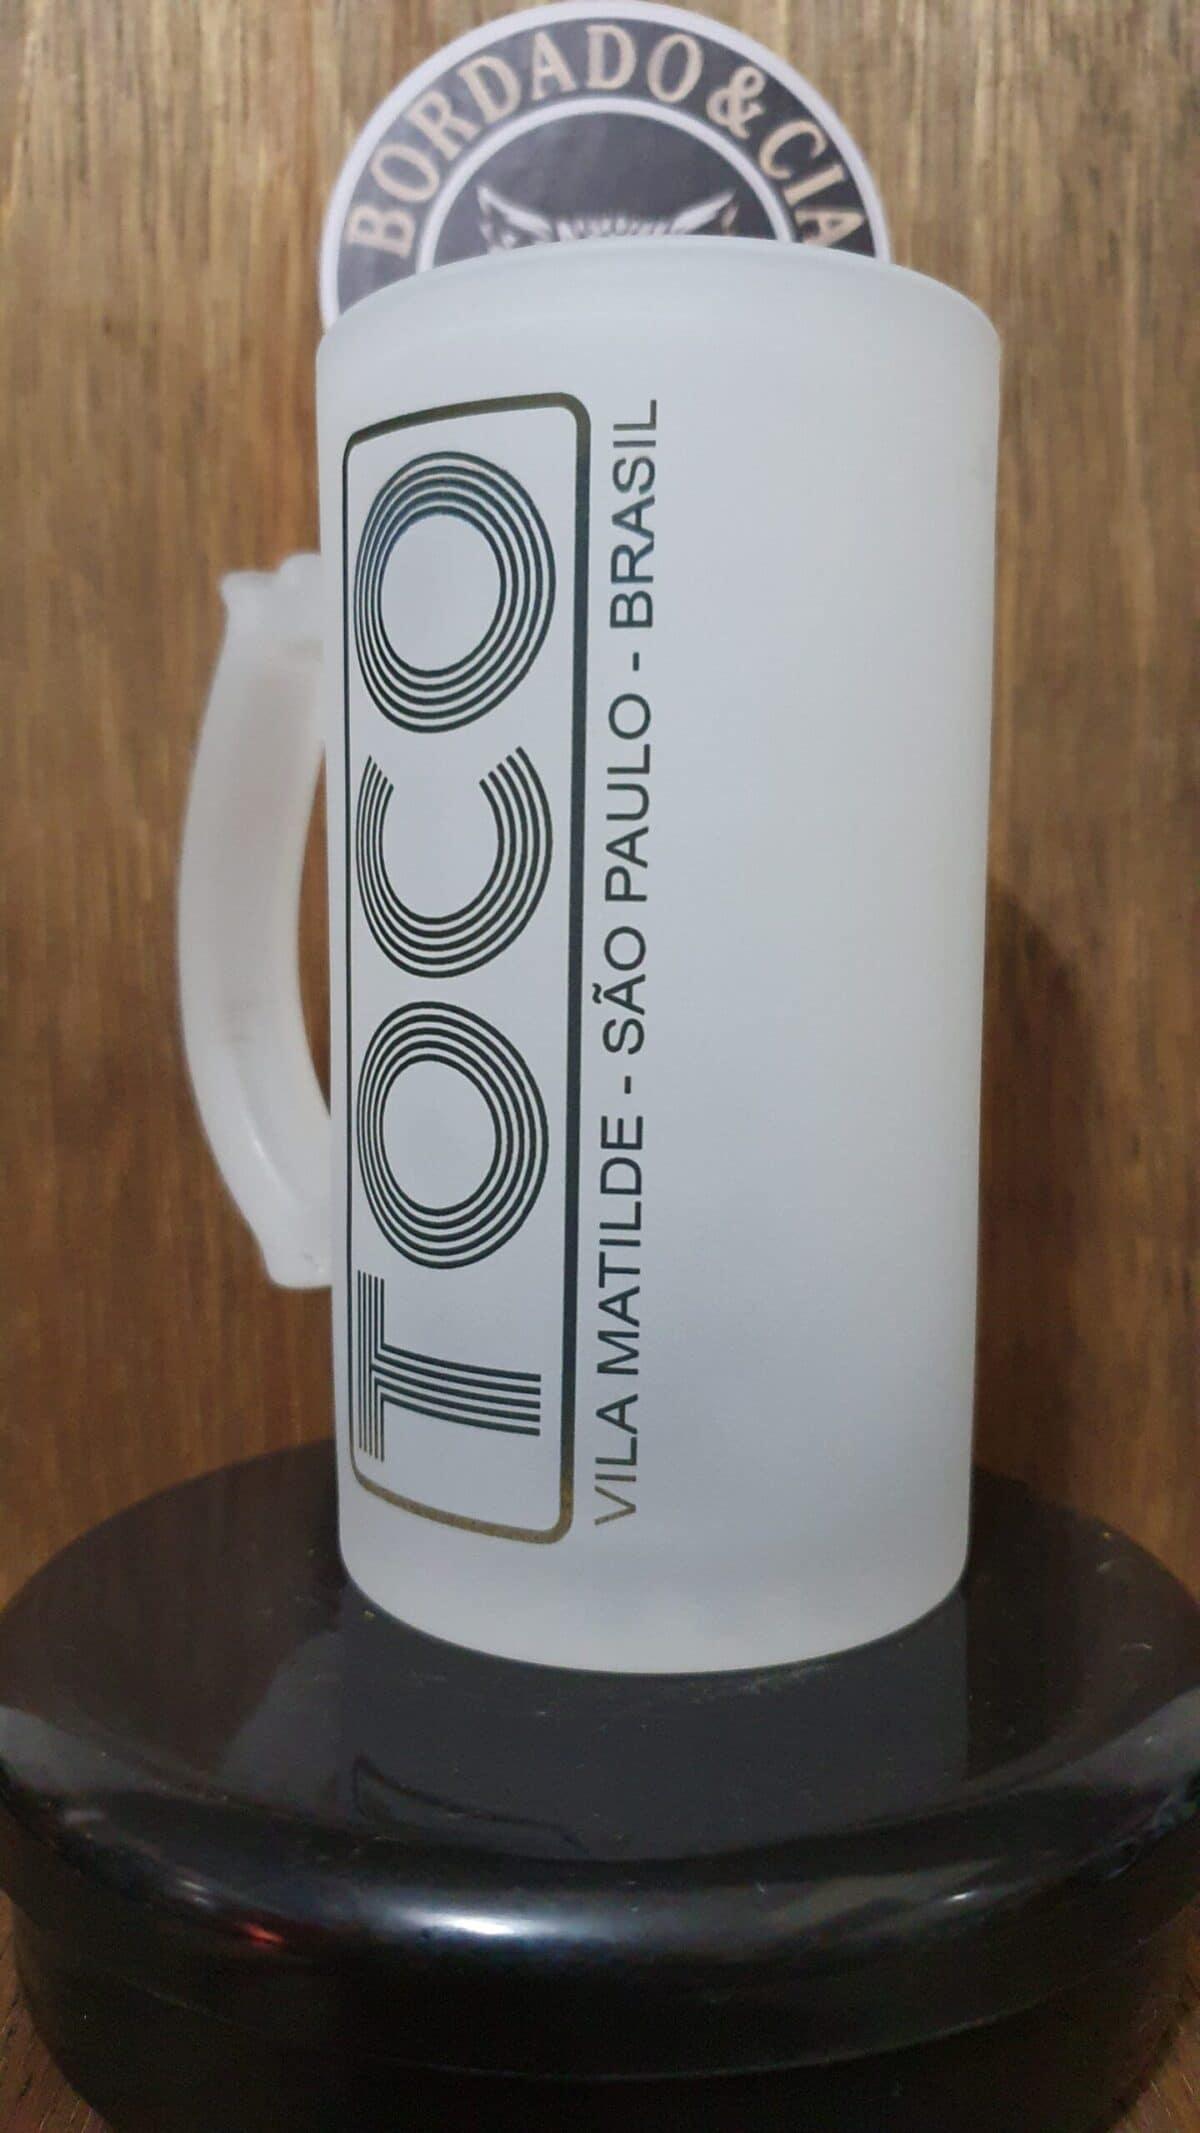 Caneca de Chopp Oficial da Danceteria TOCO by Bordado & Cia - @bordado.cia; @dj.vadao; @tocodance; #danceteriatoco